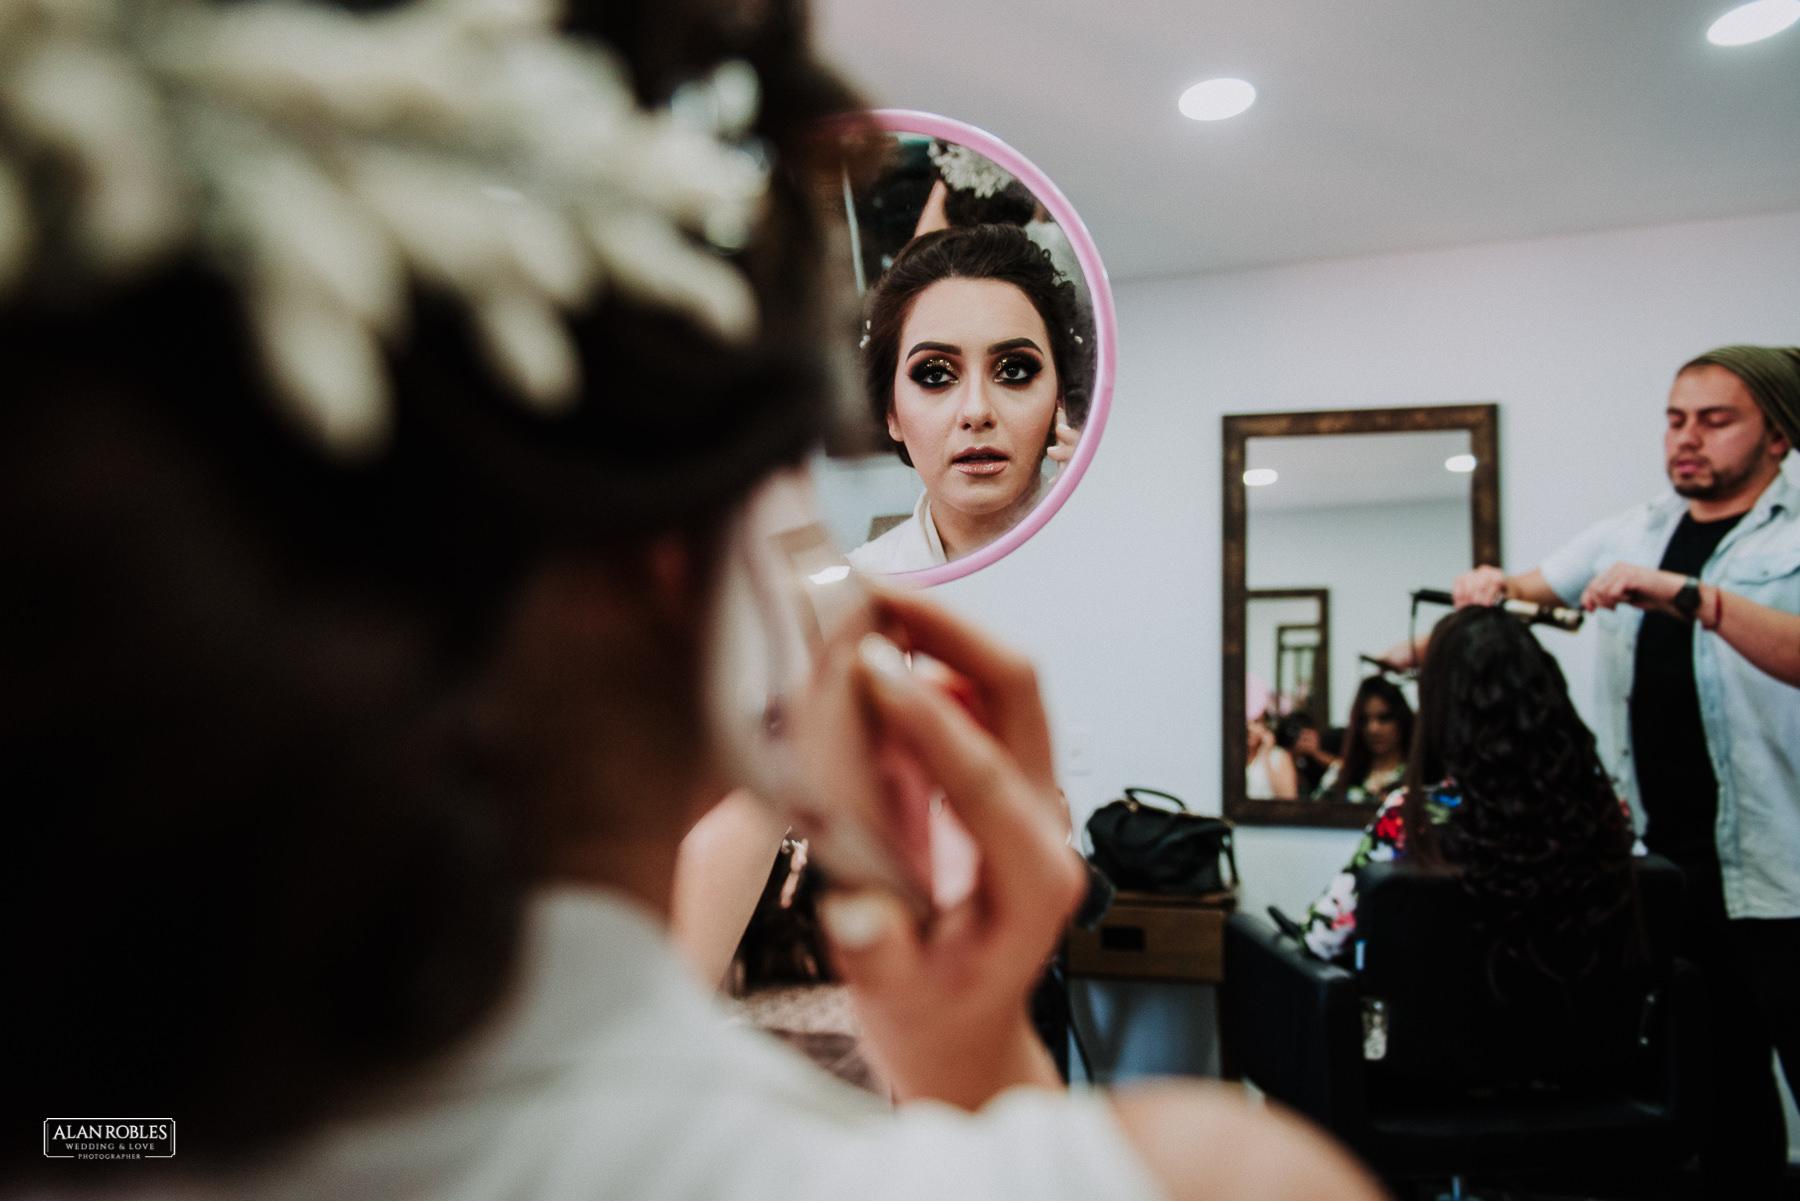 Fotografo de bodas Alan Robles-Casa Clementina Guadalajara DyA-10